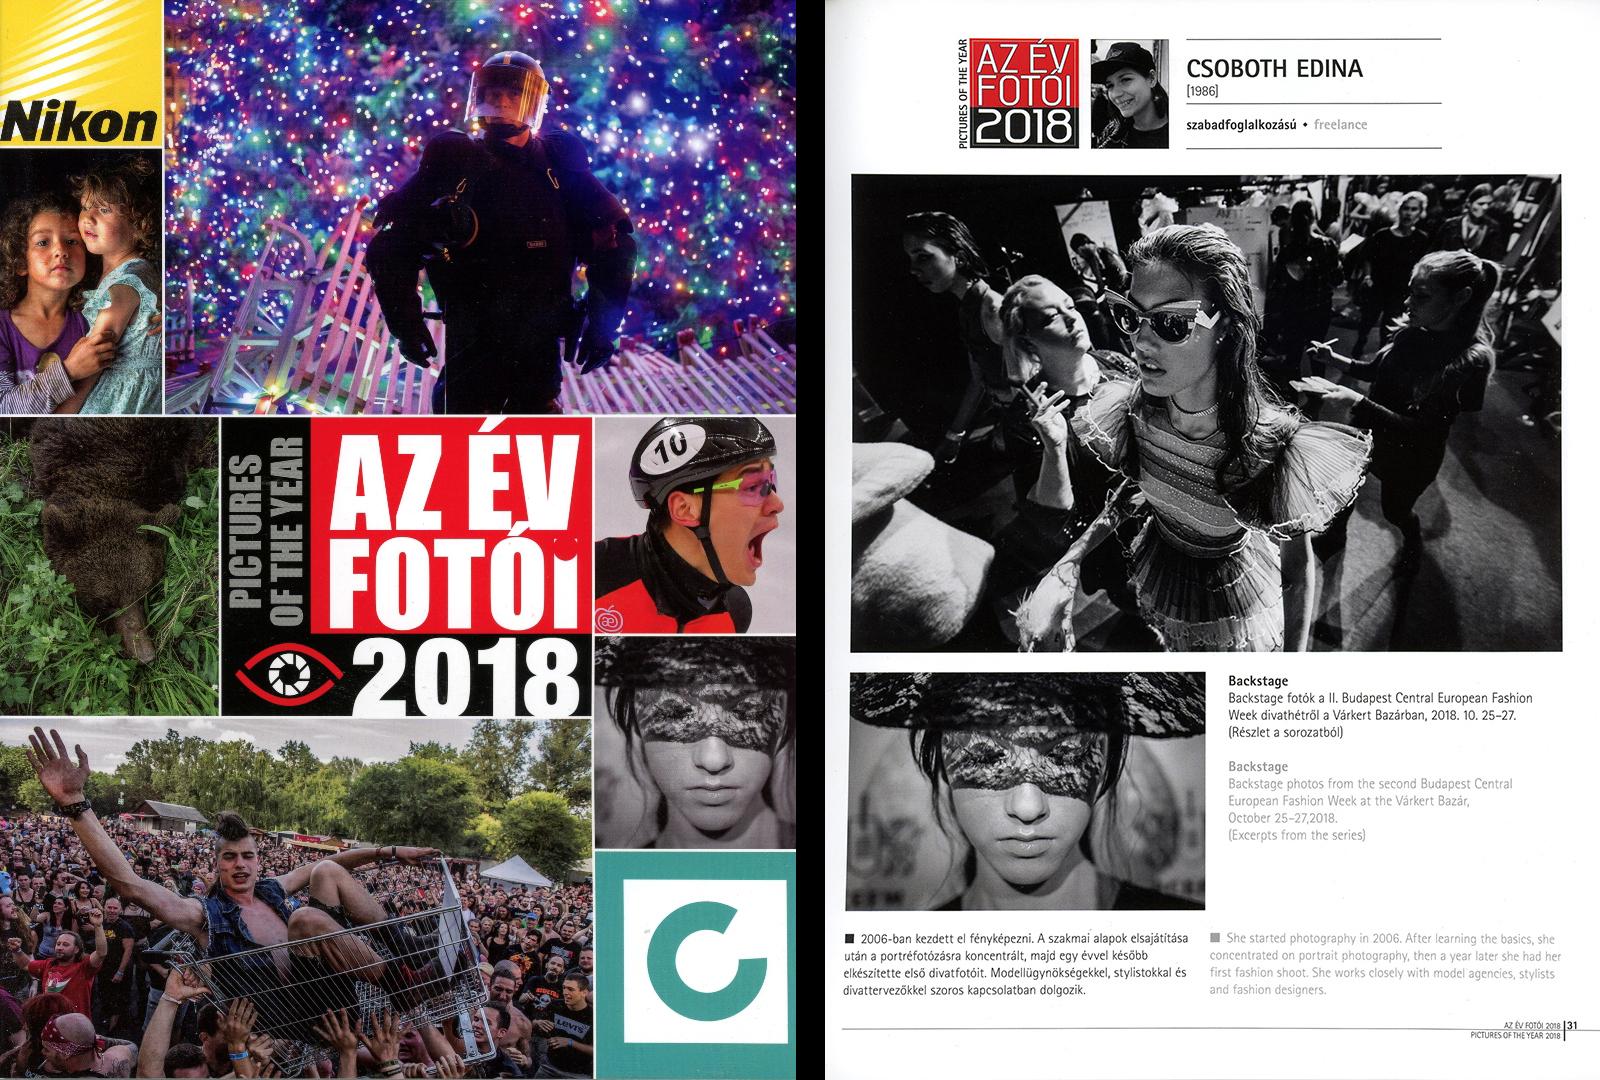 Díj - Sajtófotó pályázat - 2018 - Az év fotói könyv - Címlap és belső oldal